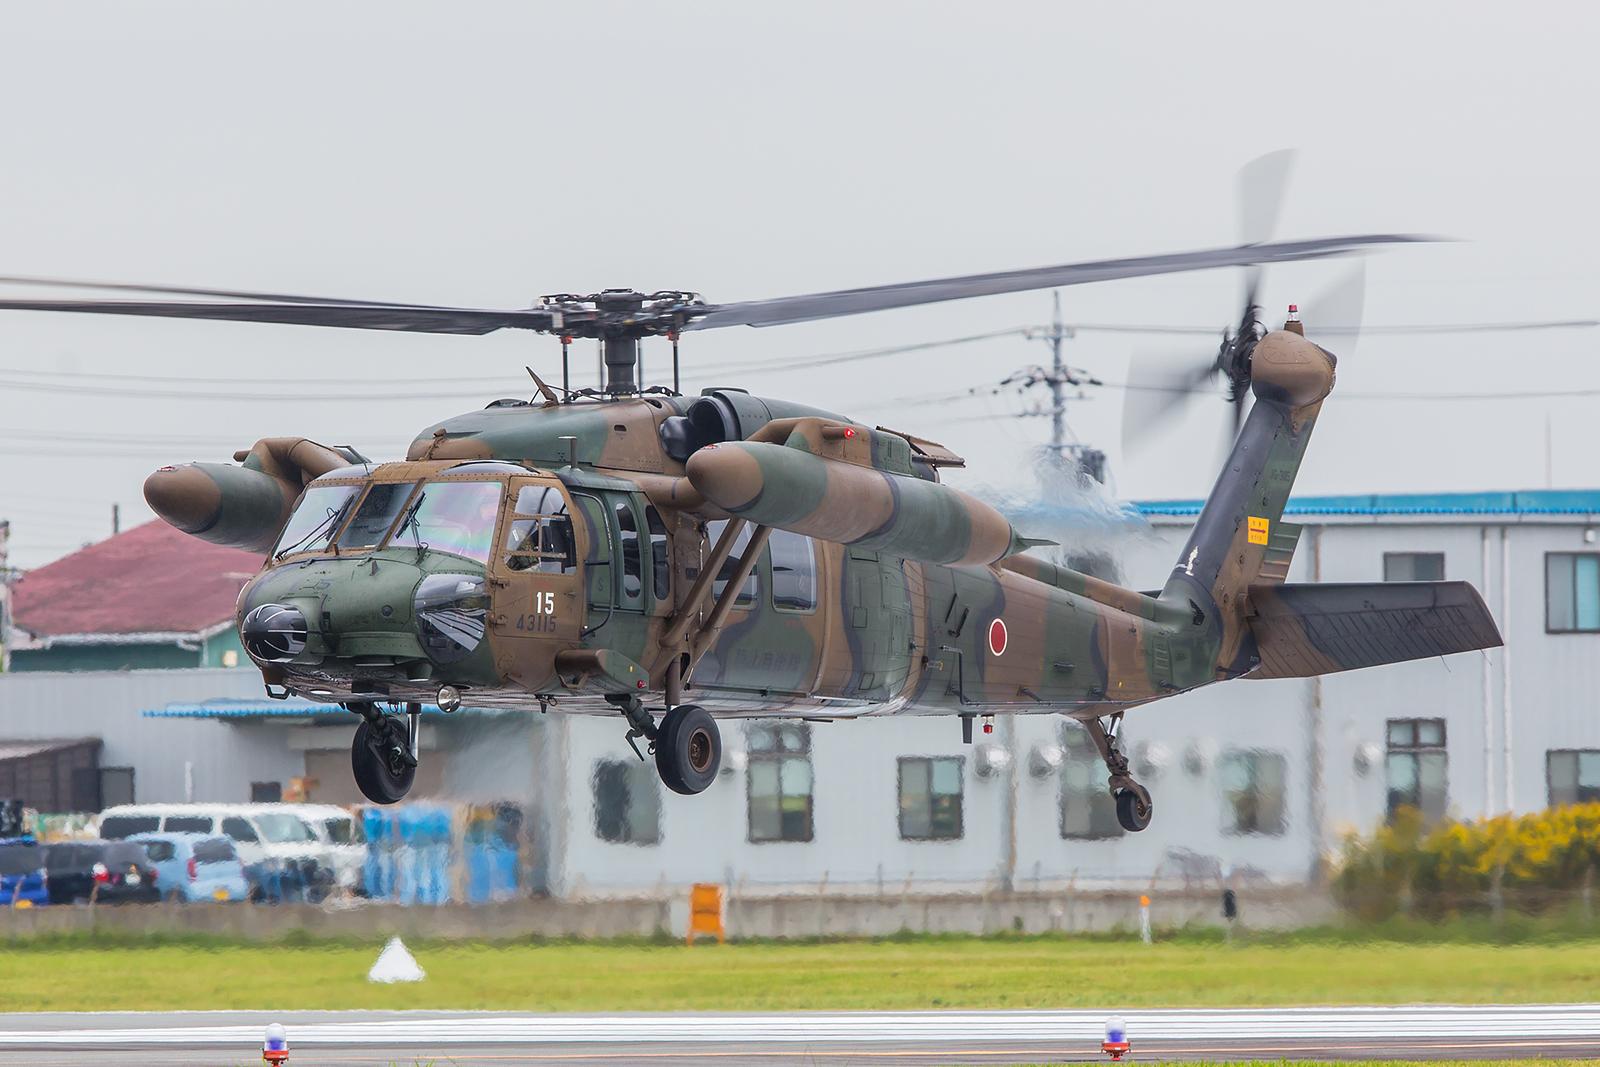 Zwei UH-60 Blackhawk waren an diesem Tag unterwegs.